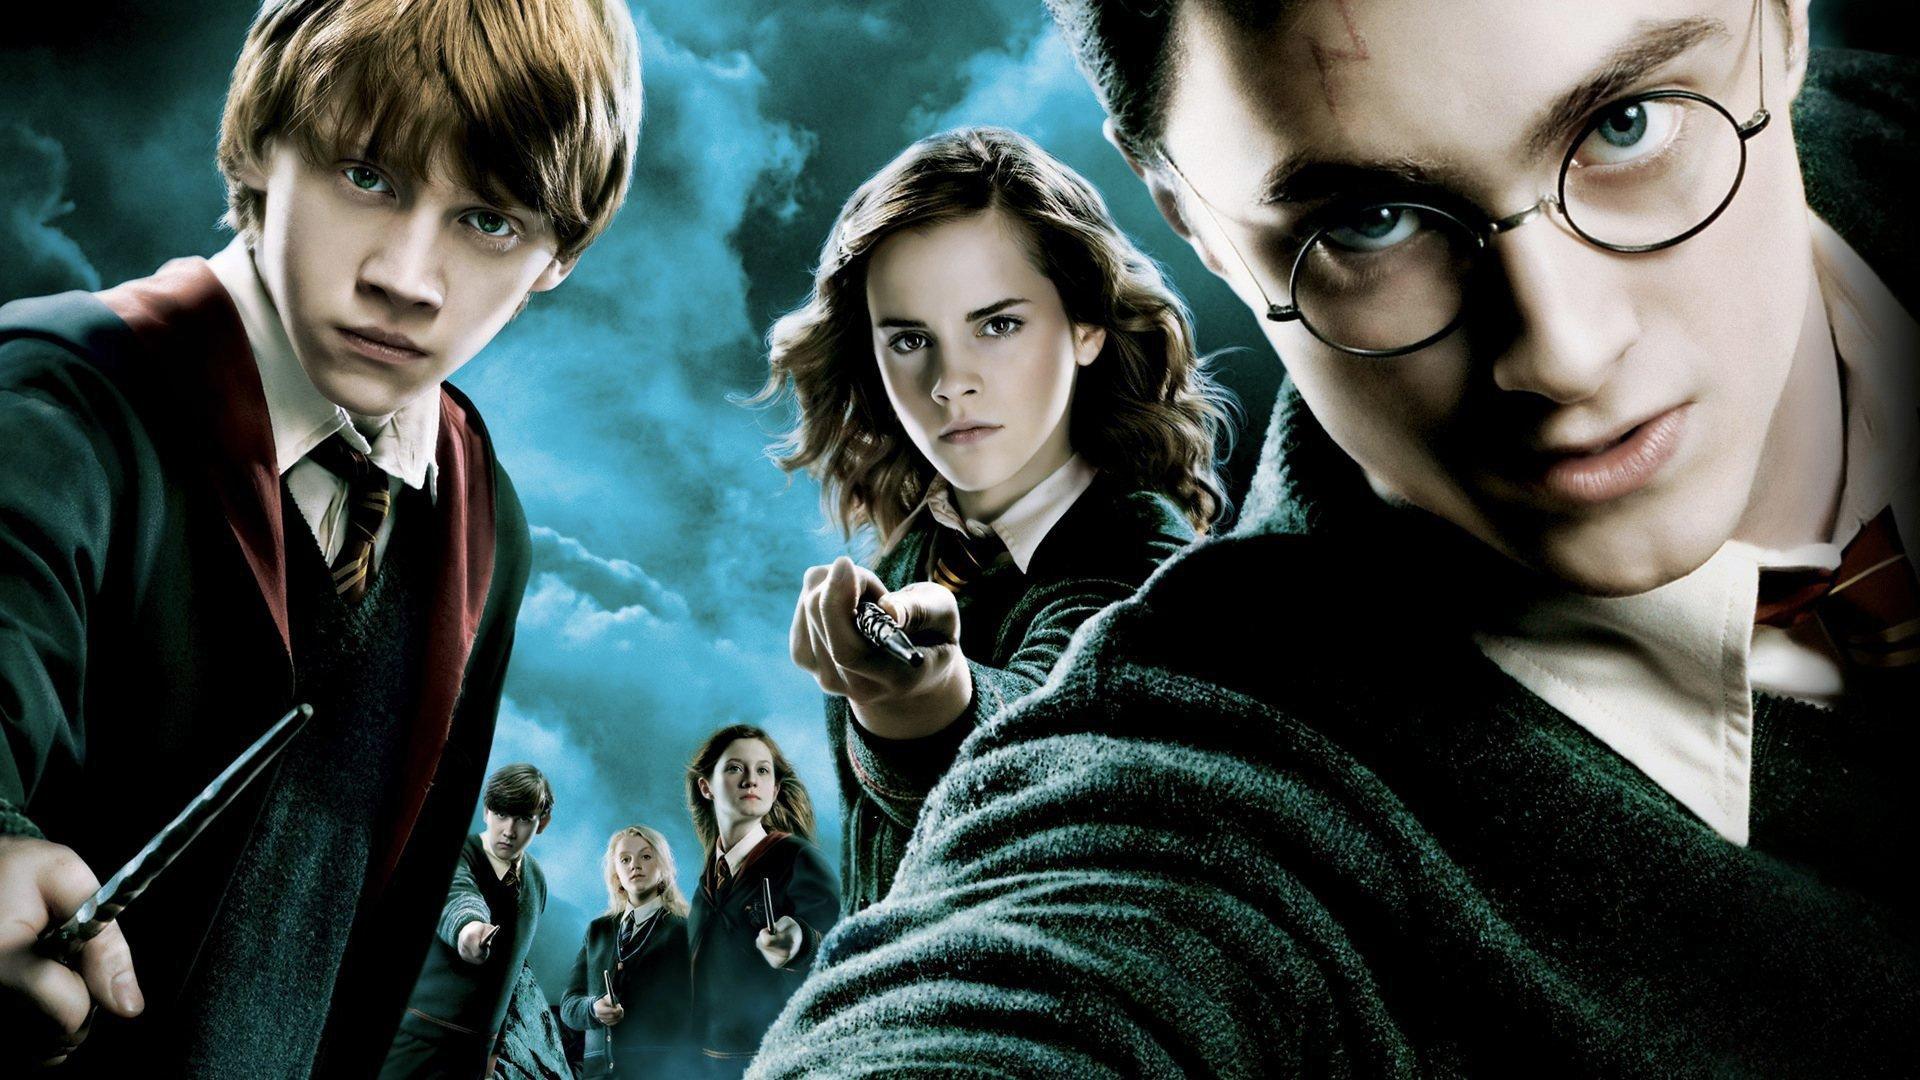 Harry Potter Og Ildbegeret Rollebesetning